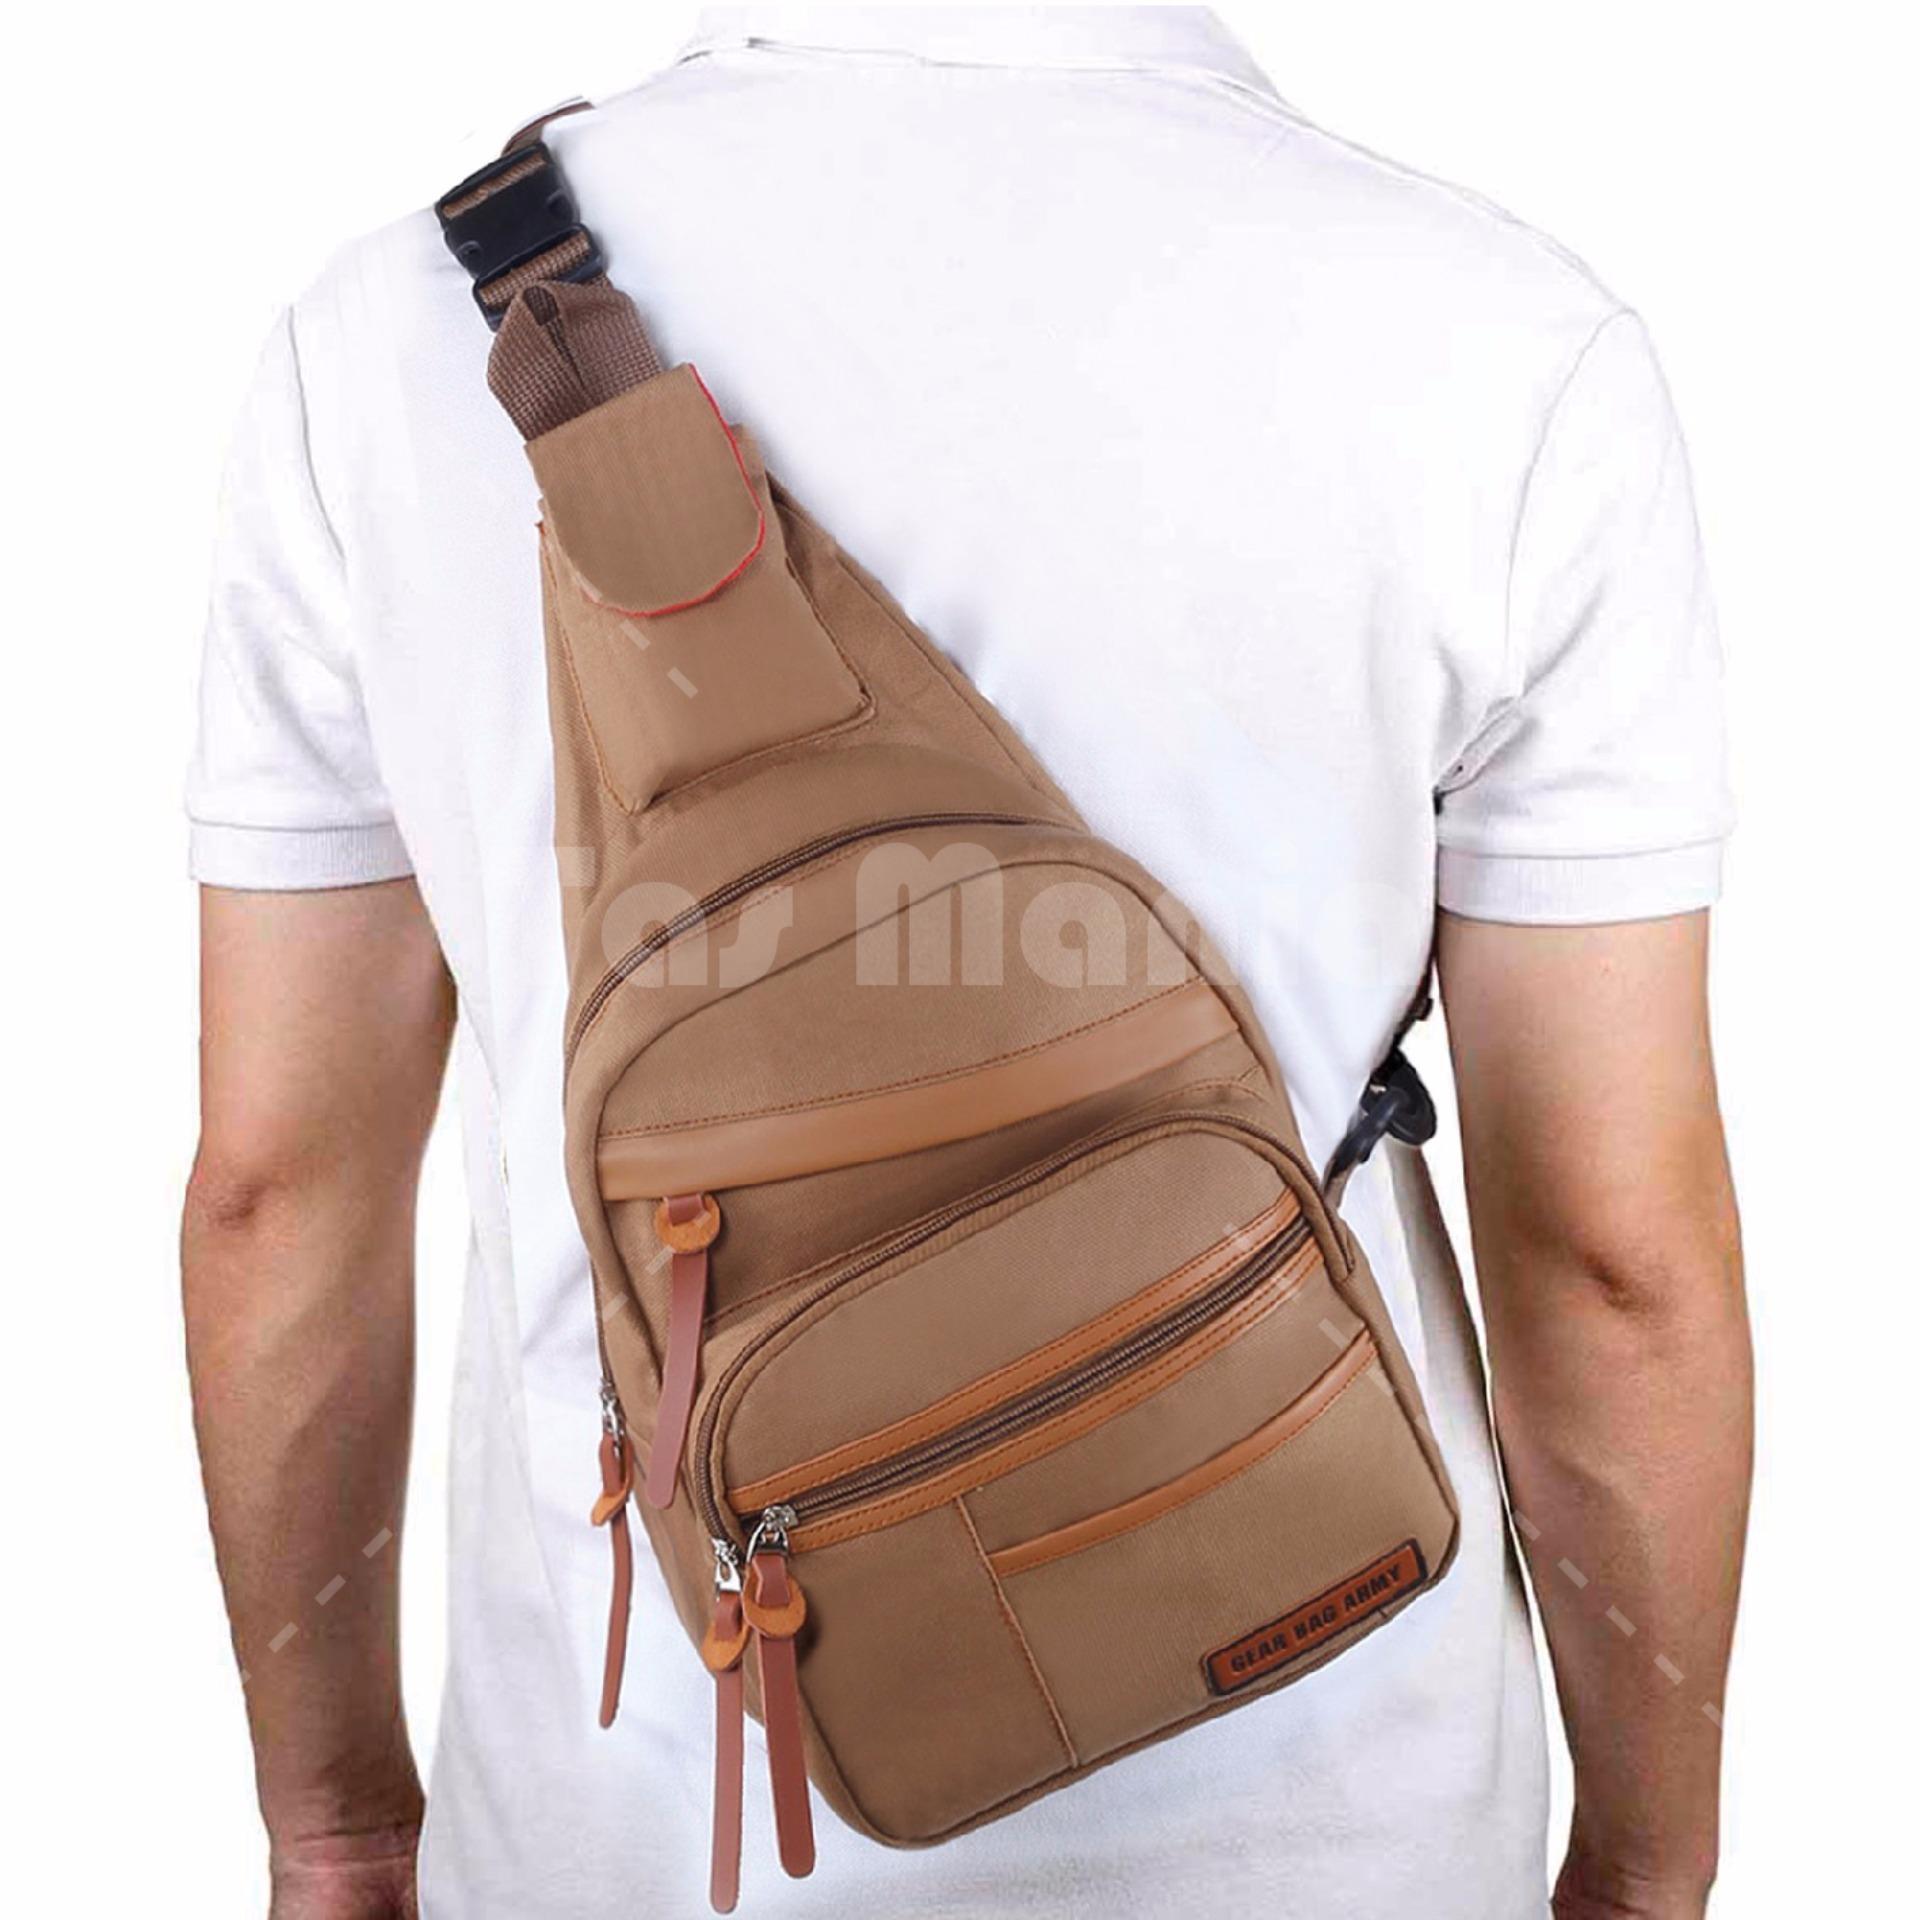 Produk Terlaris Tas Pria Selempang Import Bahu Polo Slempang Army T1 Gear Bag Slingbag Air Force Brown Messenger